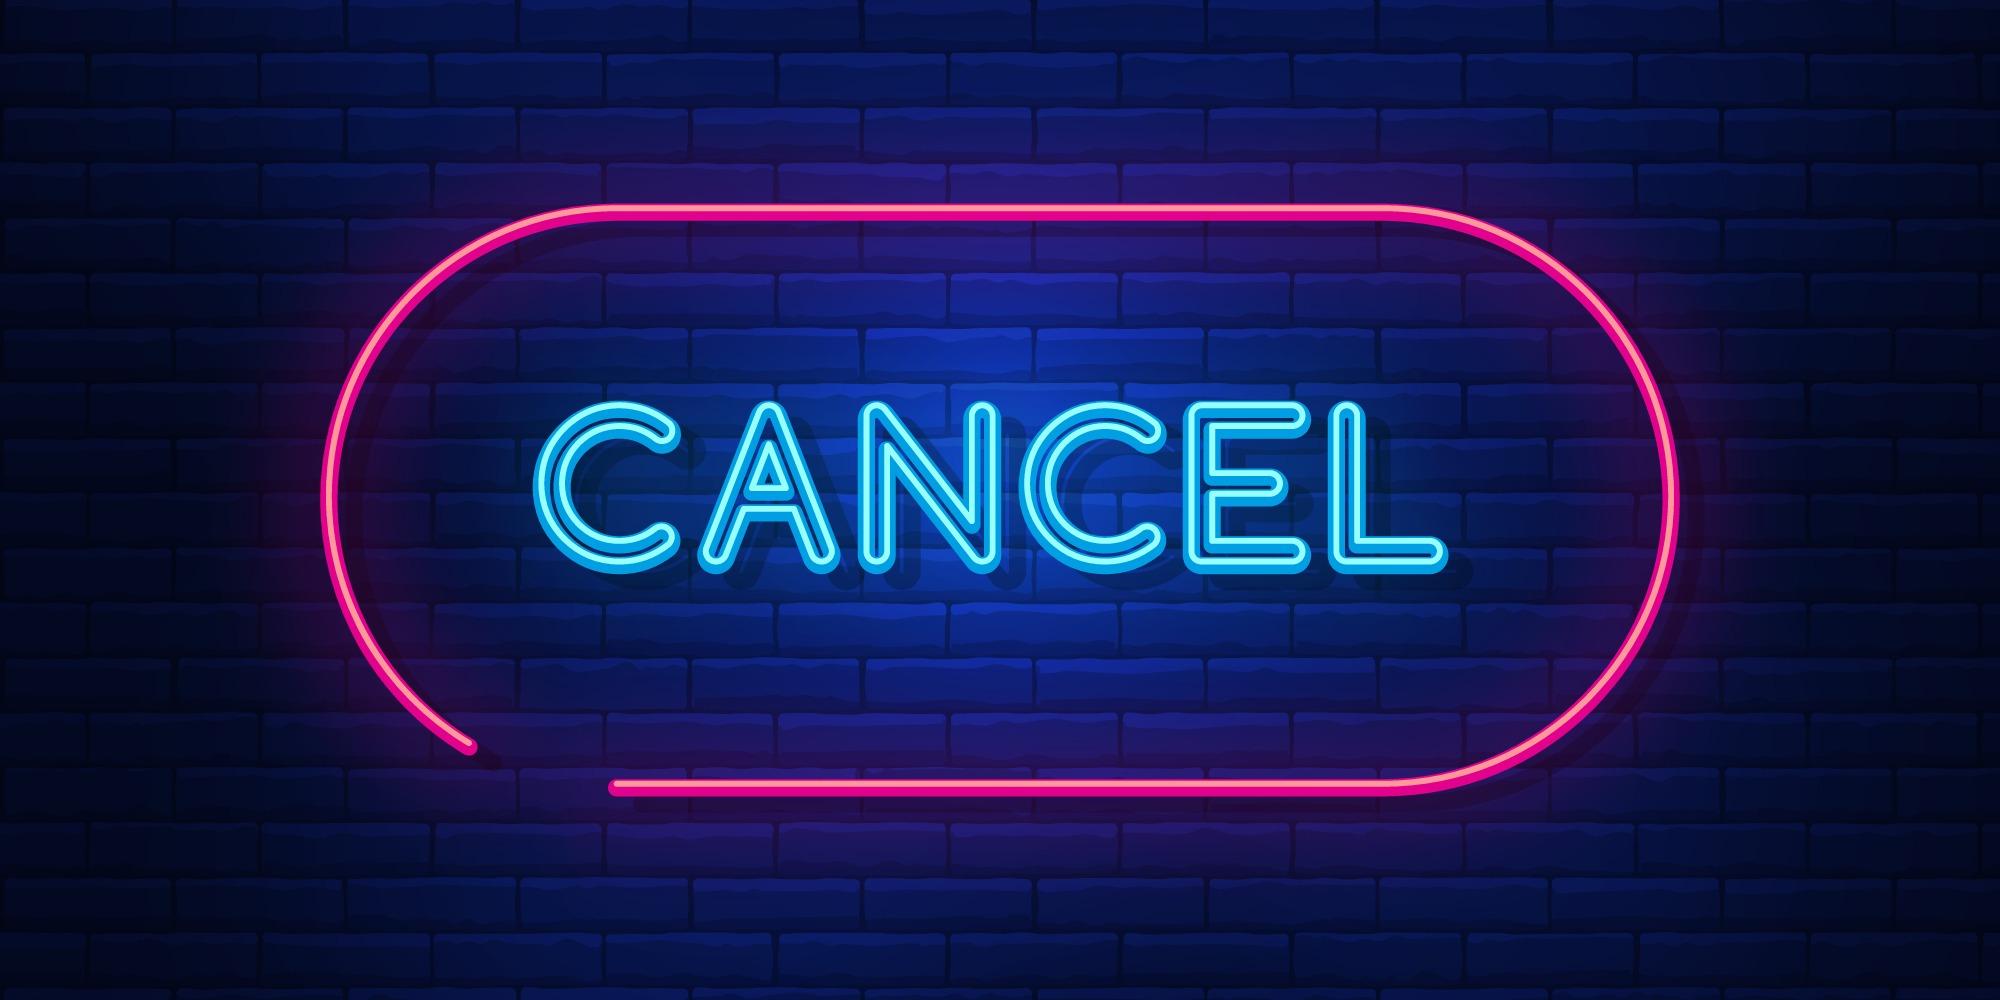 cancel_guest management